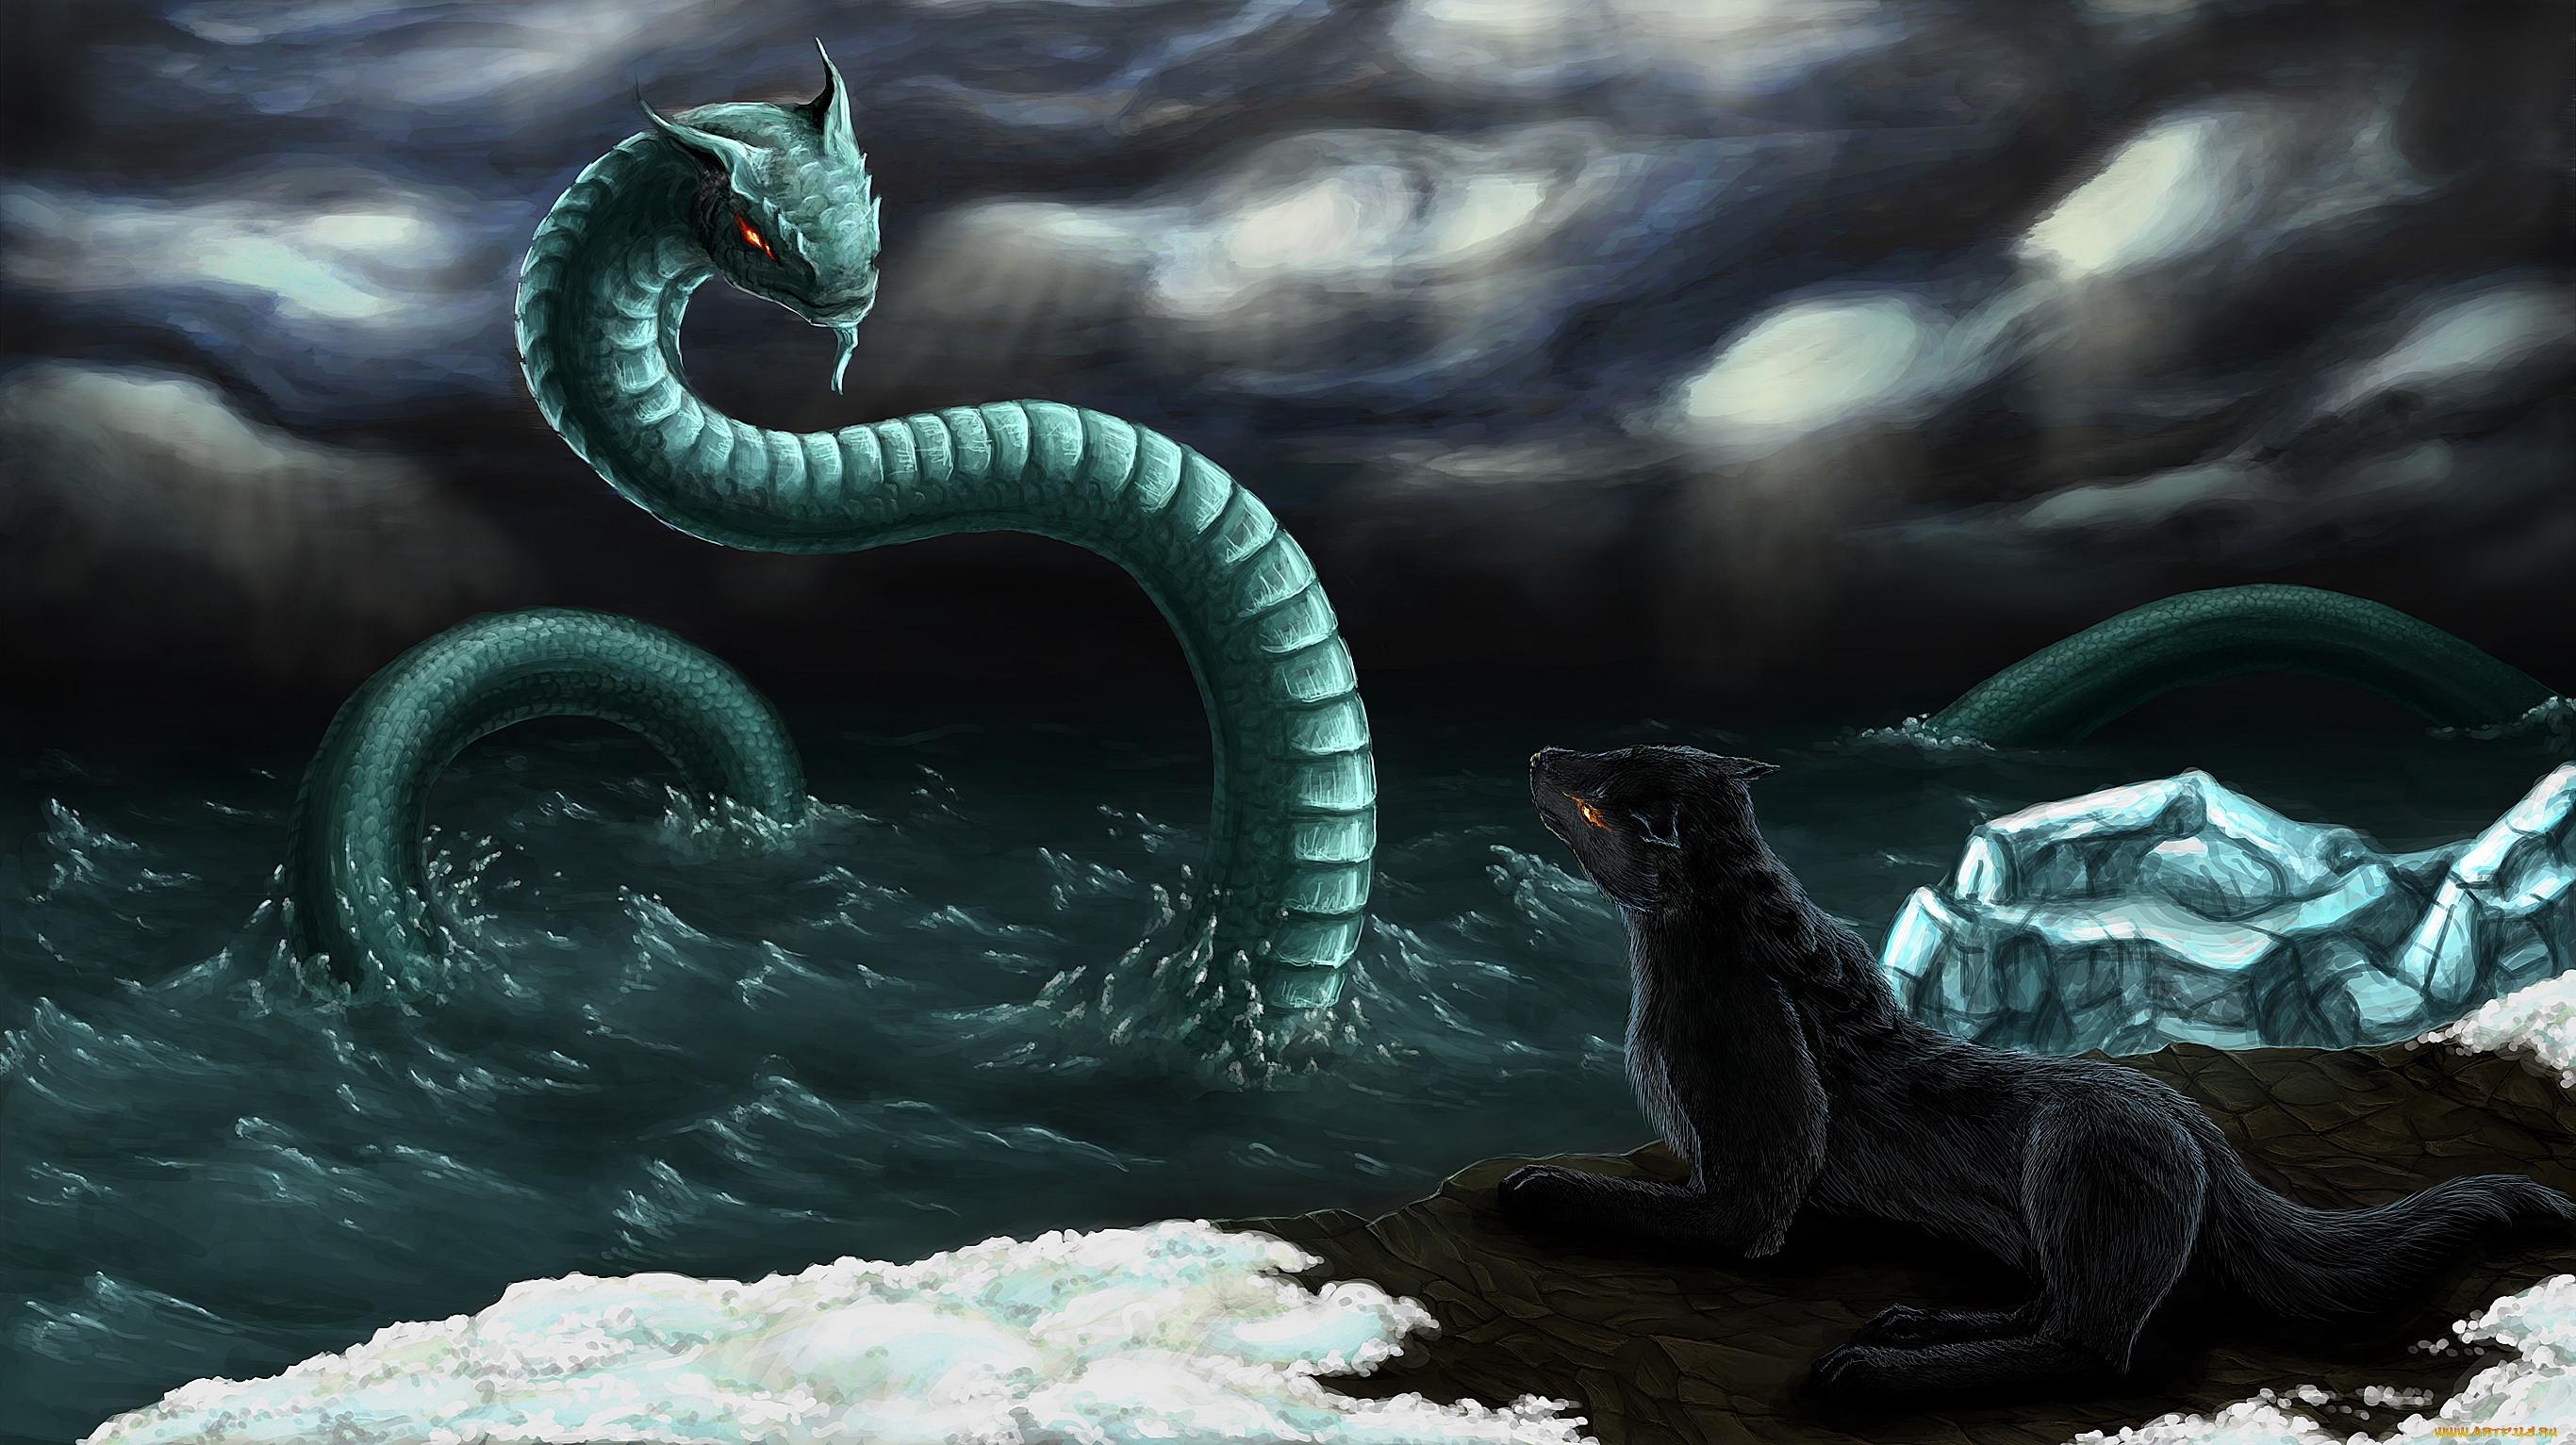 фэнтези картинки змея и кубка нашем сумасшедшей жизни